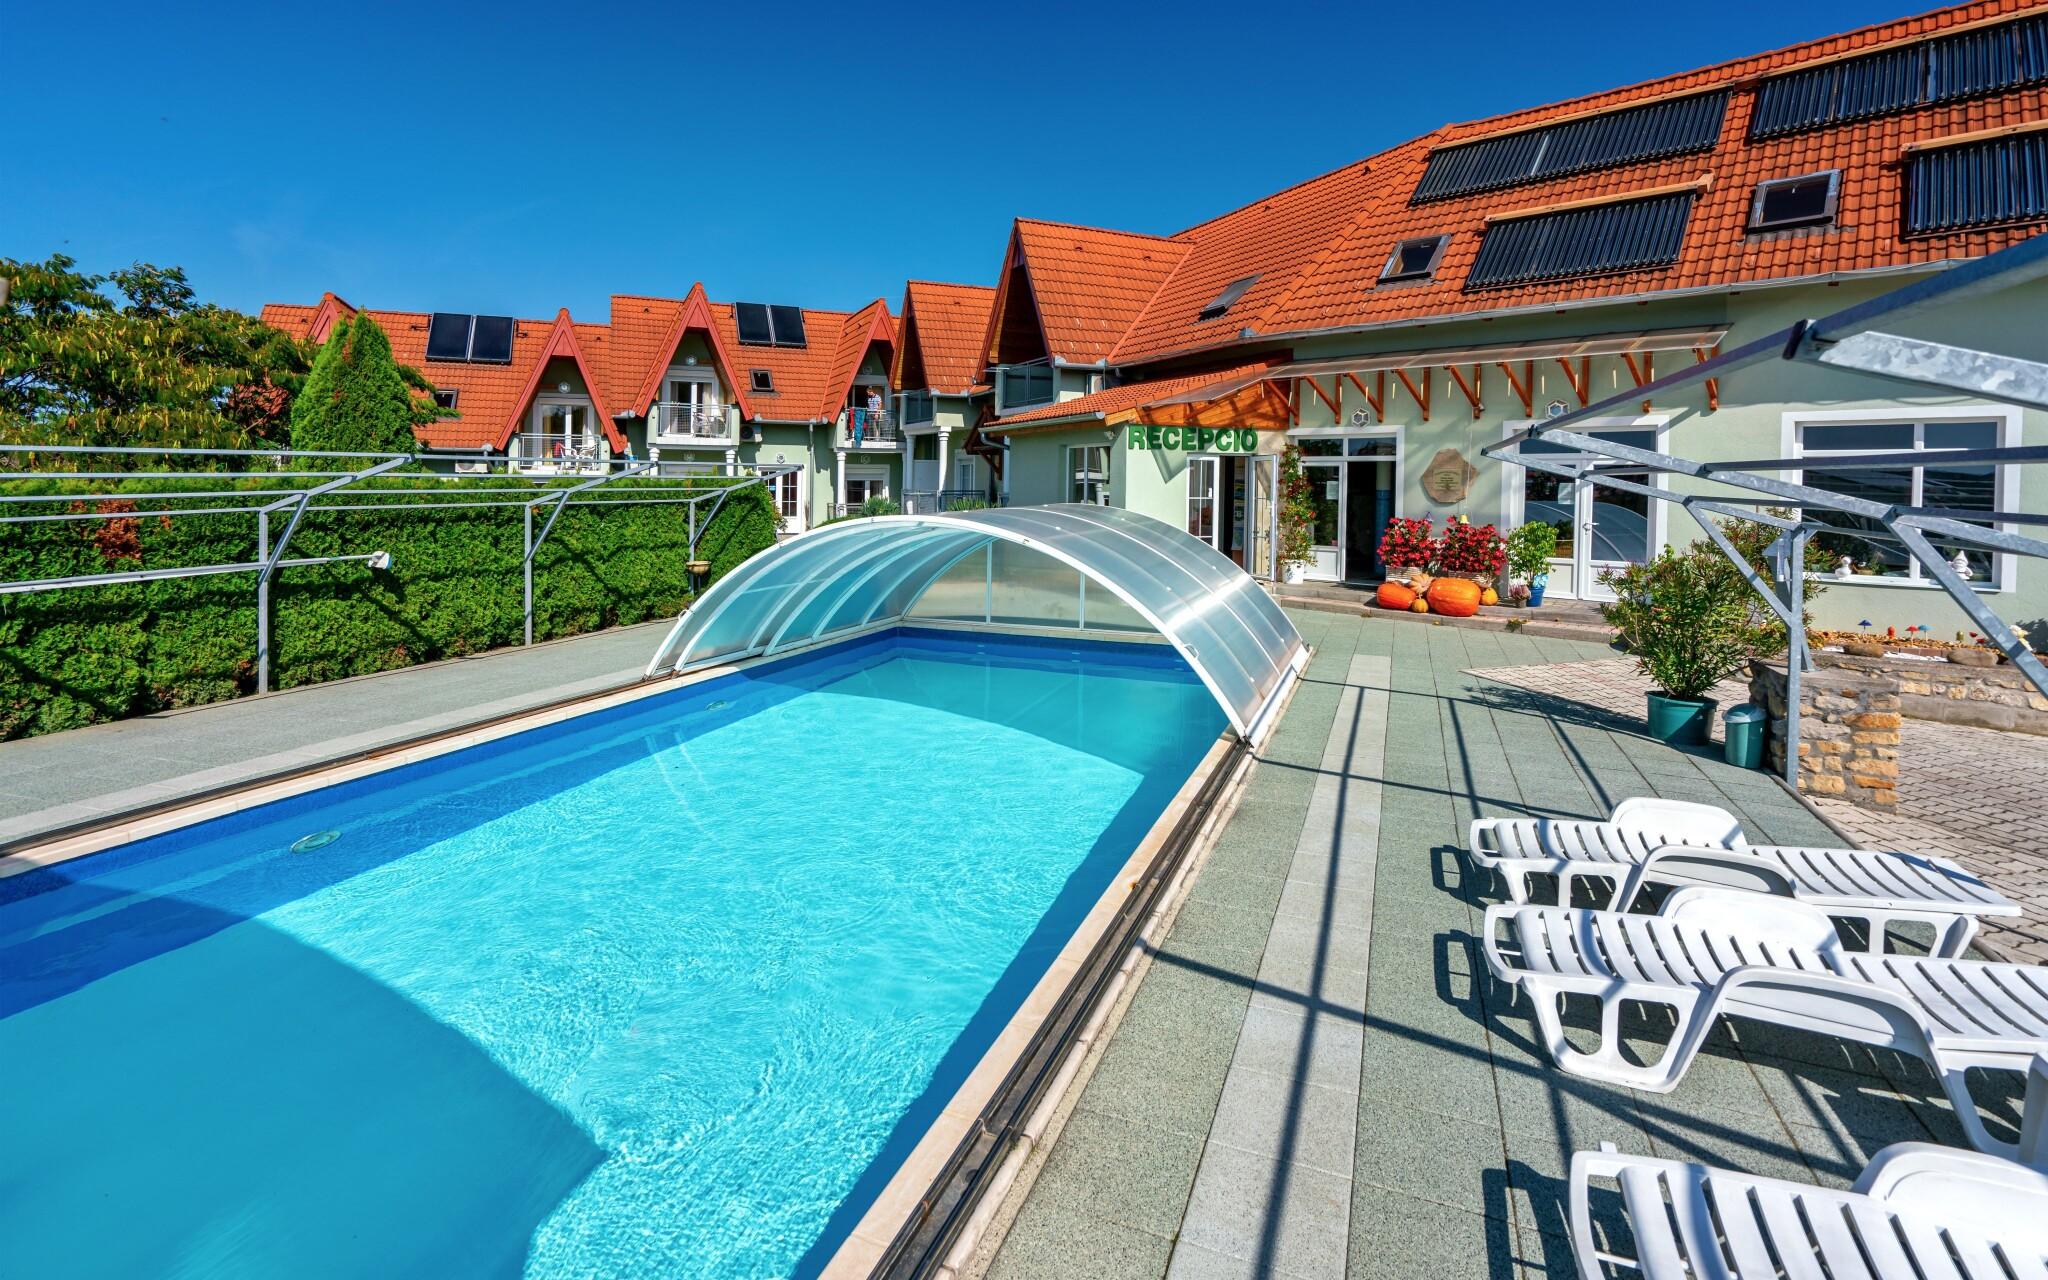 Během letních měsíců se těšte na venkovní bazén